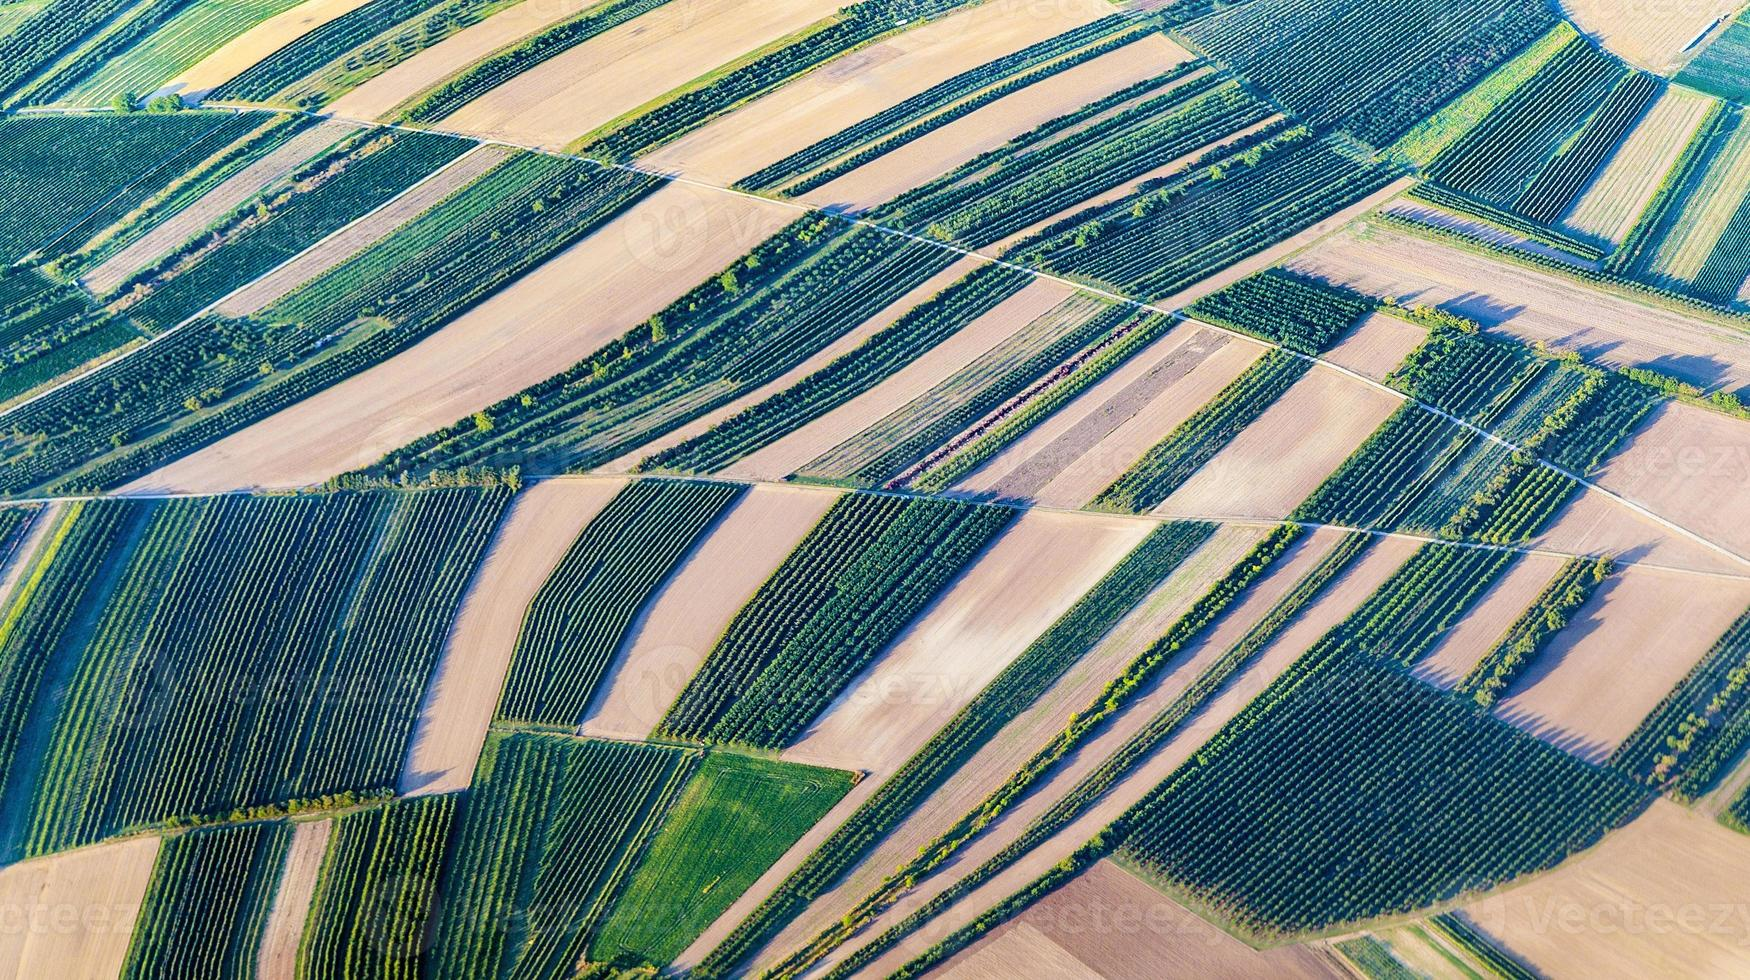 vista aérea de campos verdes e encostas foto